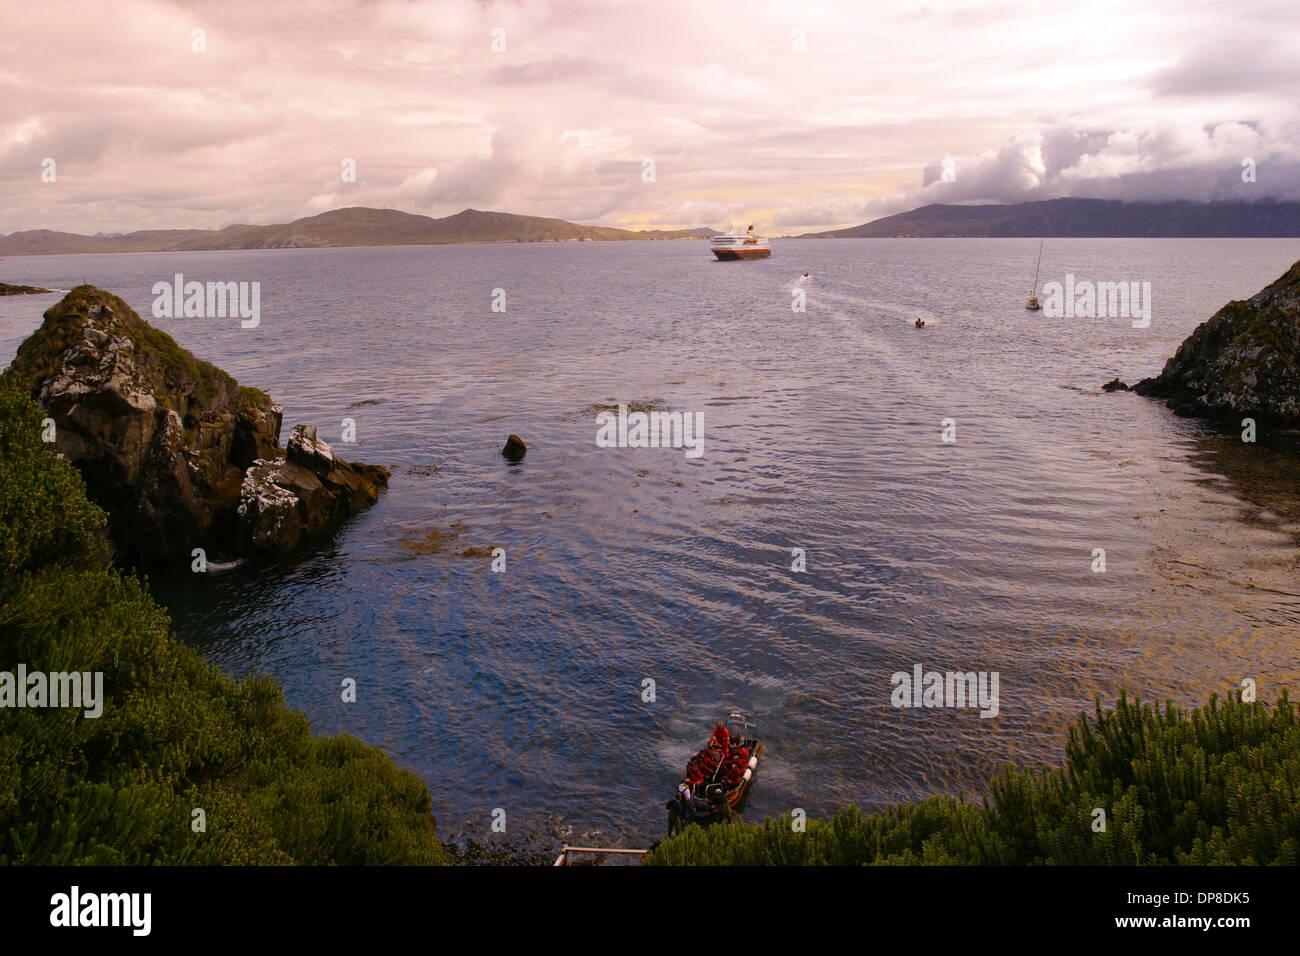 MS Nordnorge passagers faire un appel sur la rive arrière Cabo de Hornos (Cap Horn), point le plus au sud de l'Amérique du Sud, Chili Banque D'Images